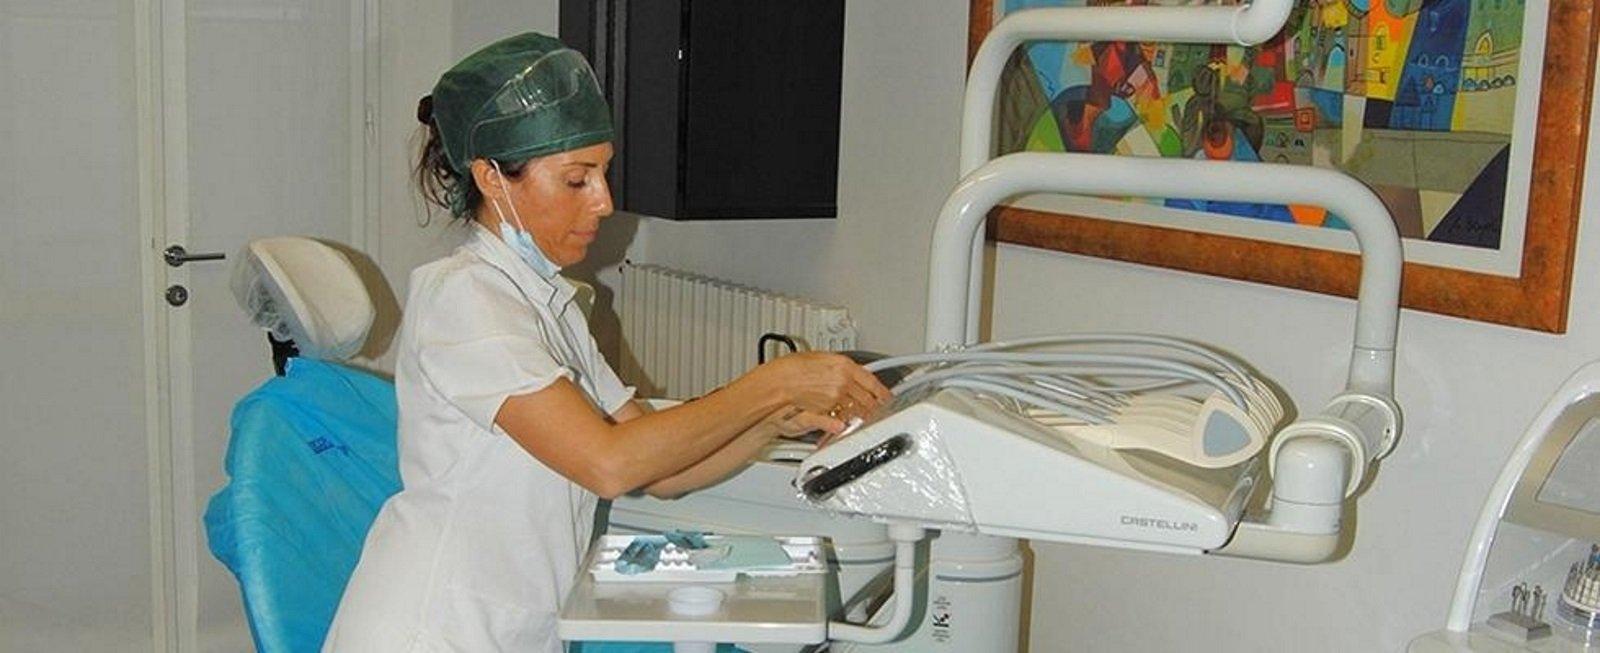 una dentista che sistema delle attrezzature